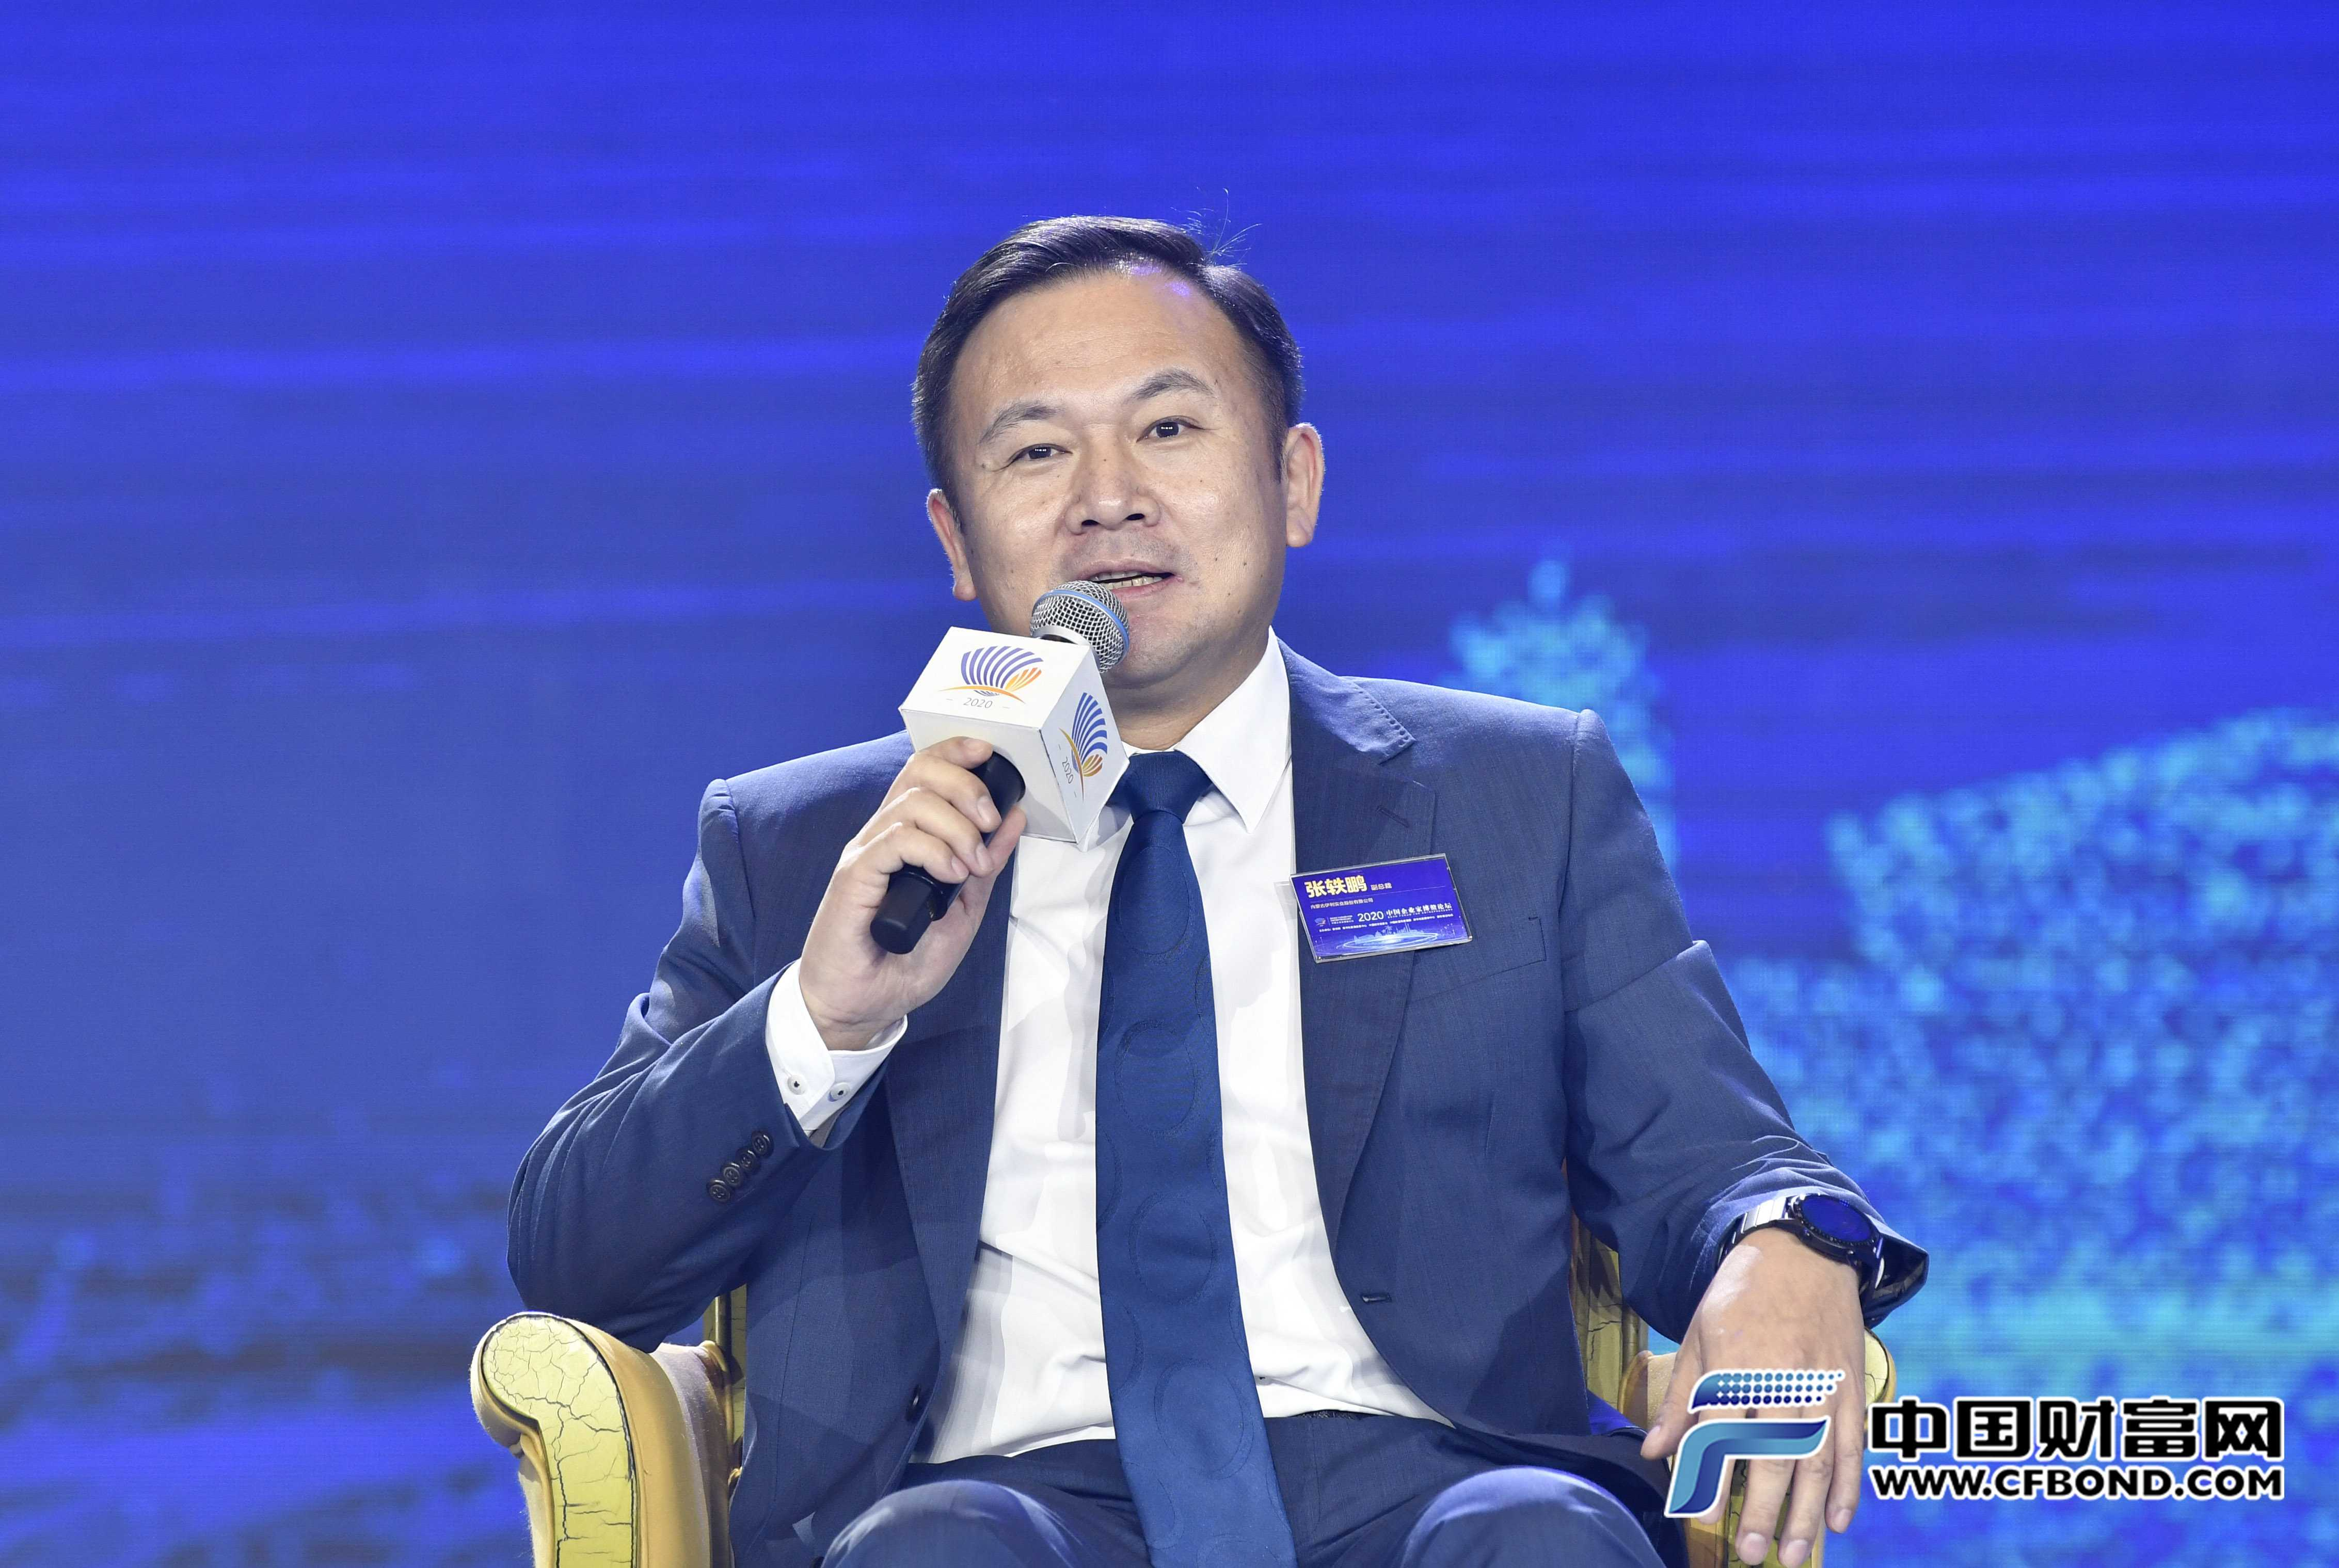 内蒙古伊利实业股份有限公司副总裁张轶鹏